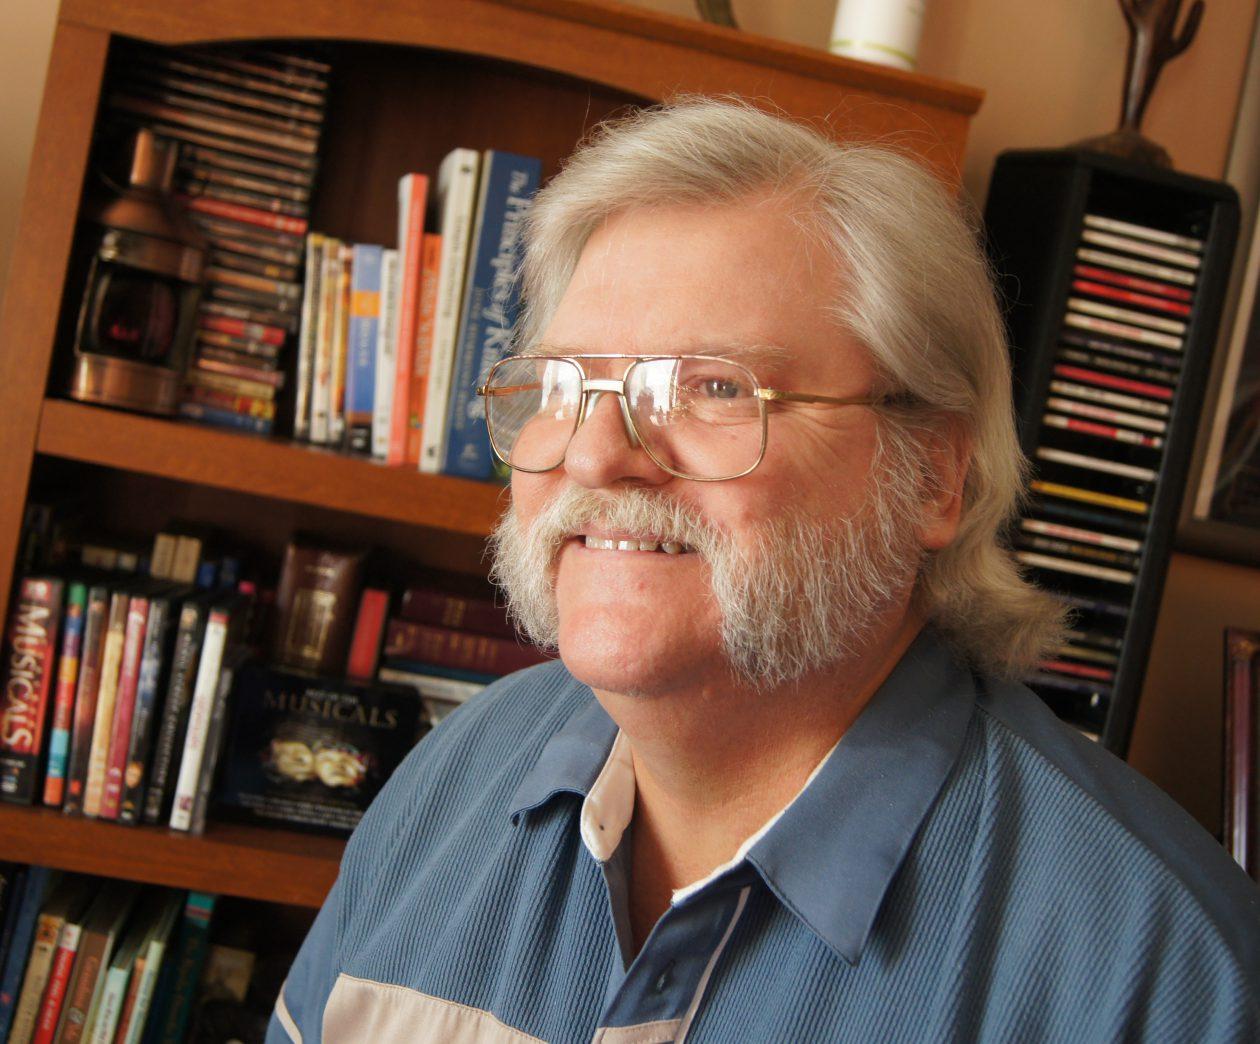 Thomas G Reischel's Blog